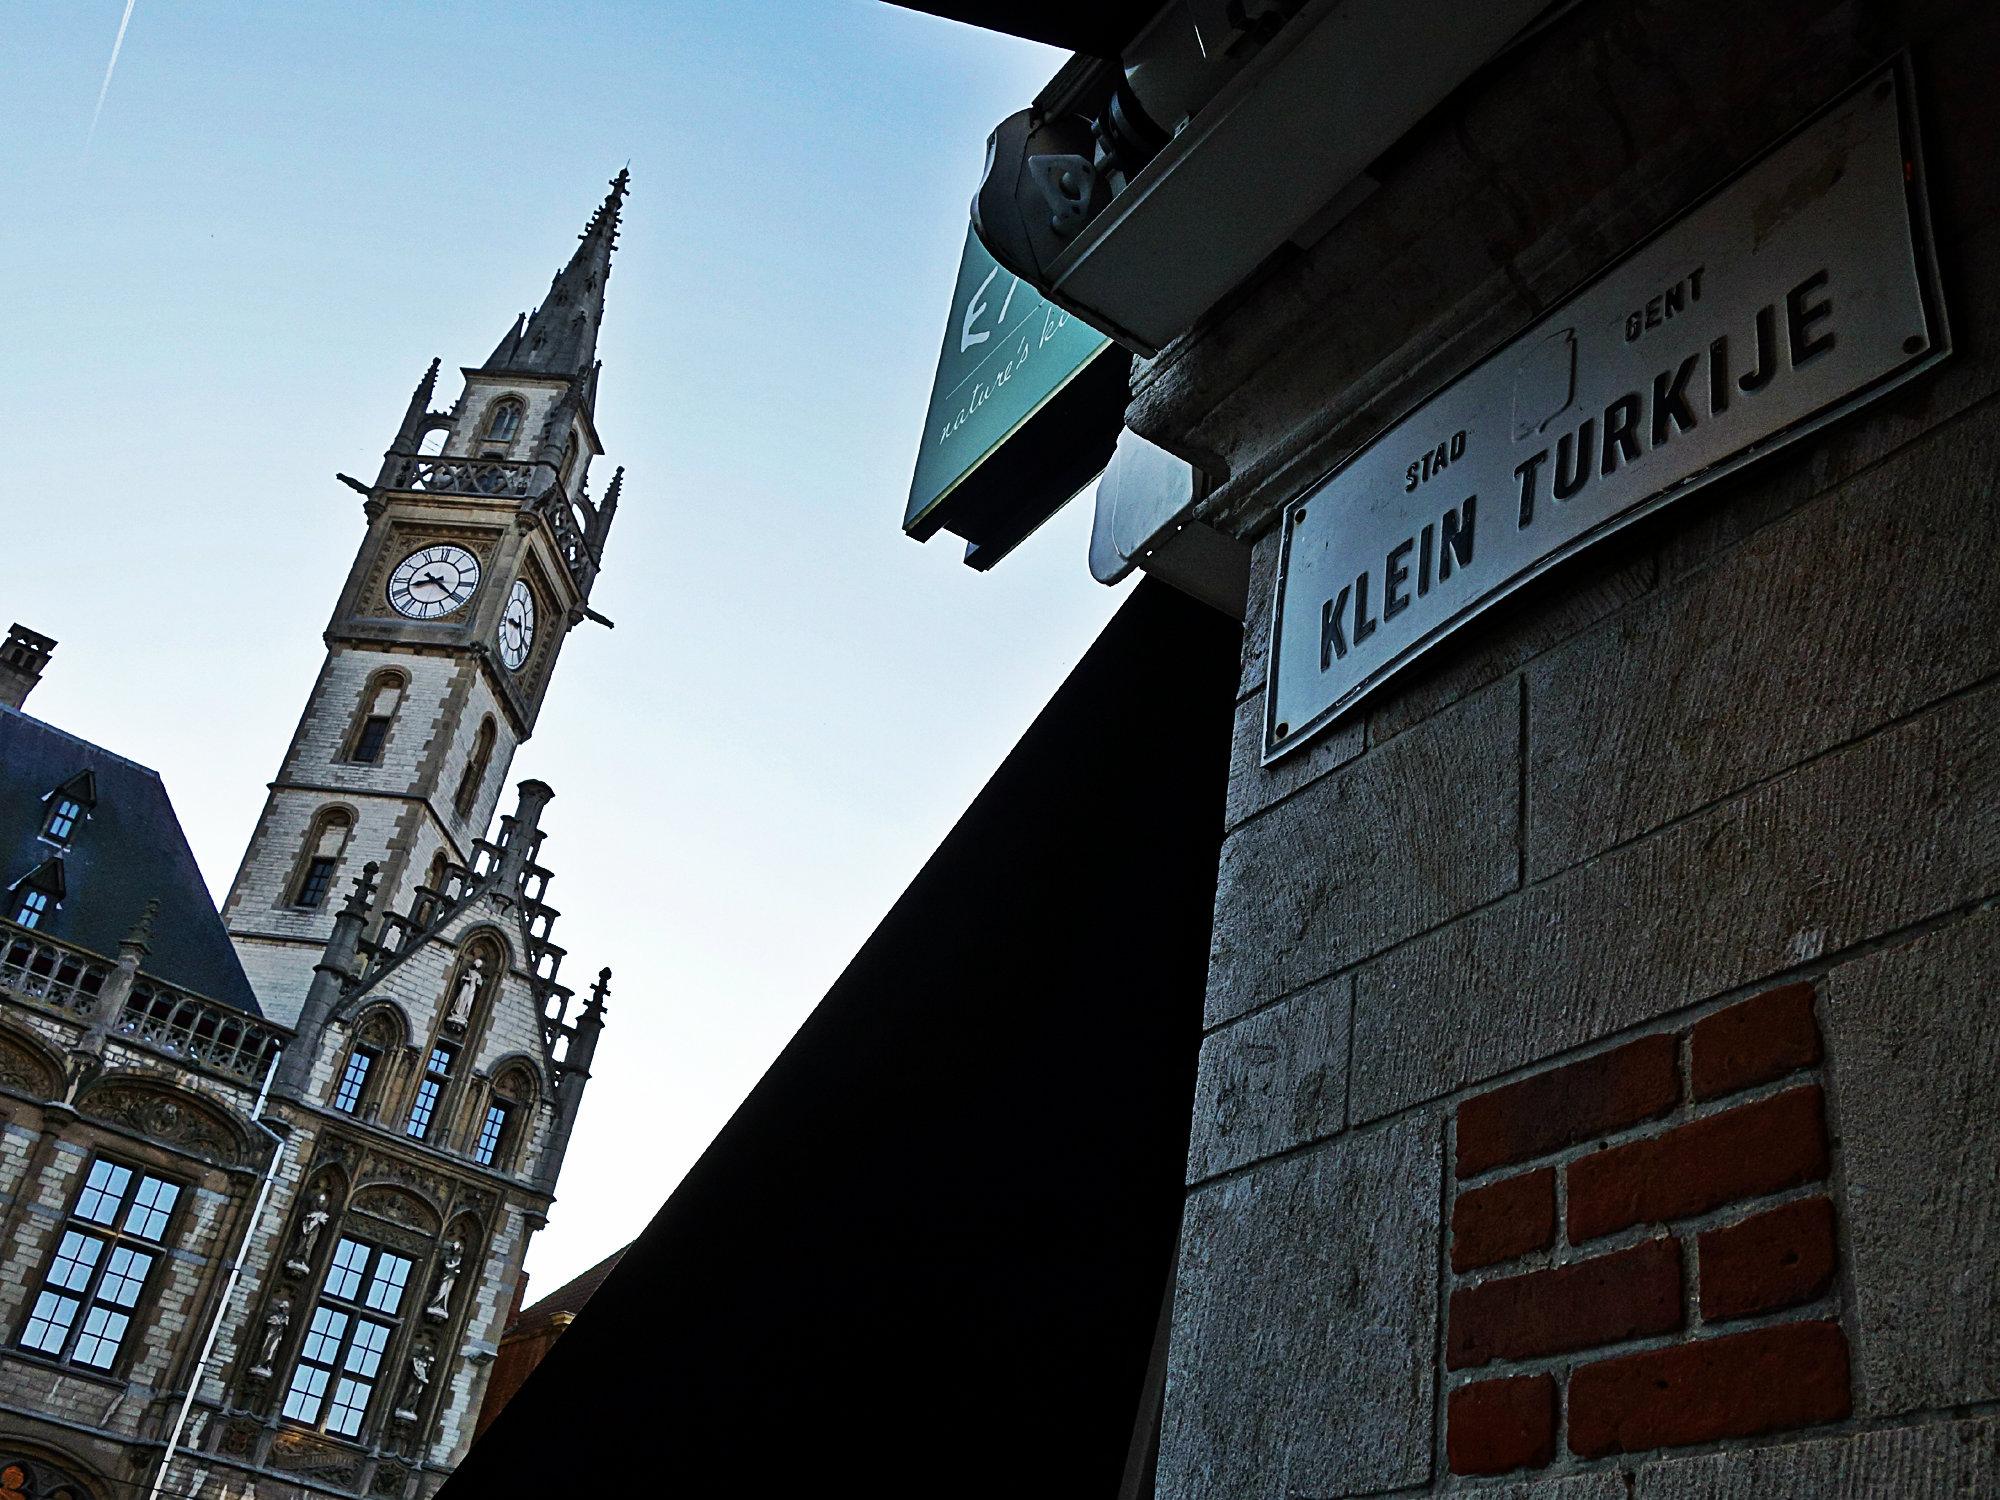 Klein Turkije, Gent 2018